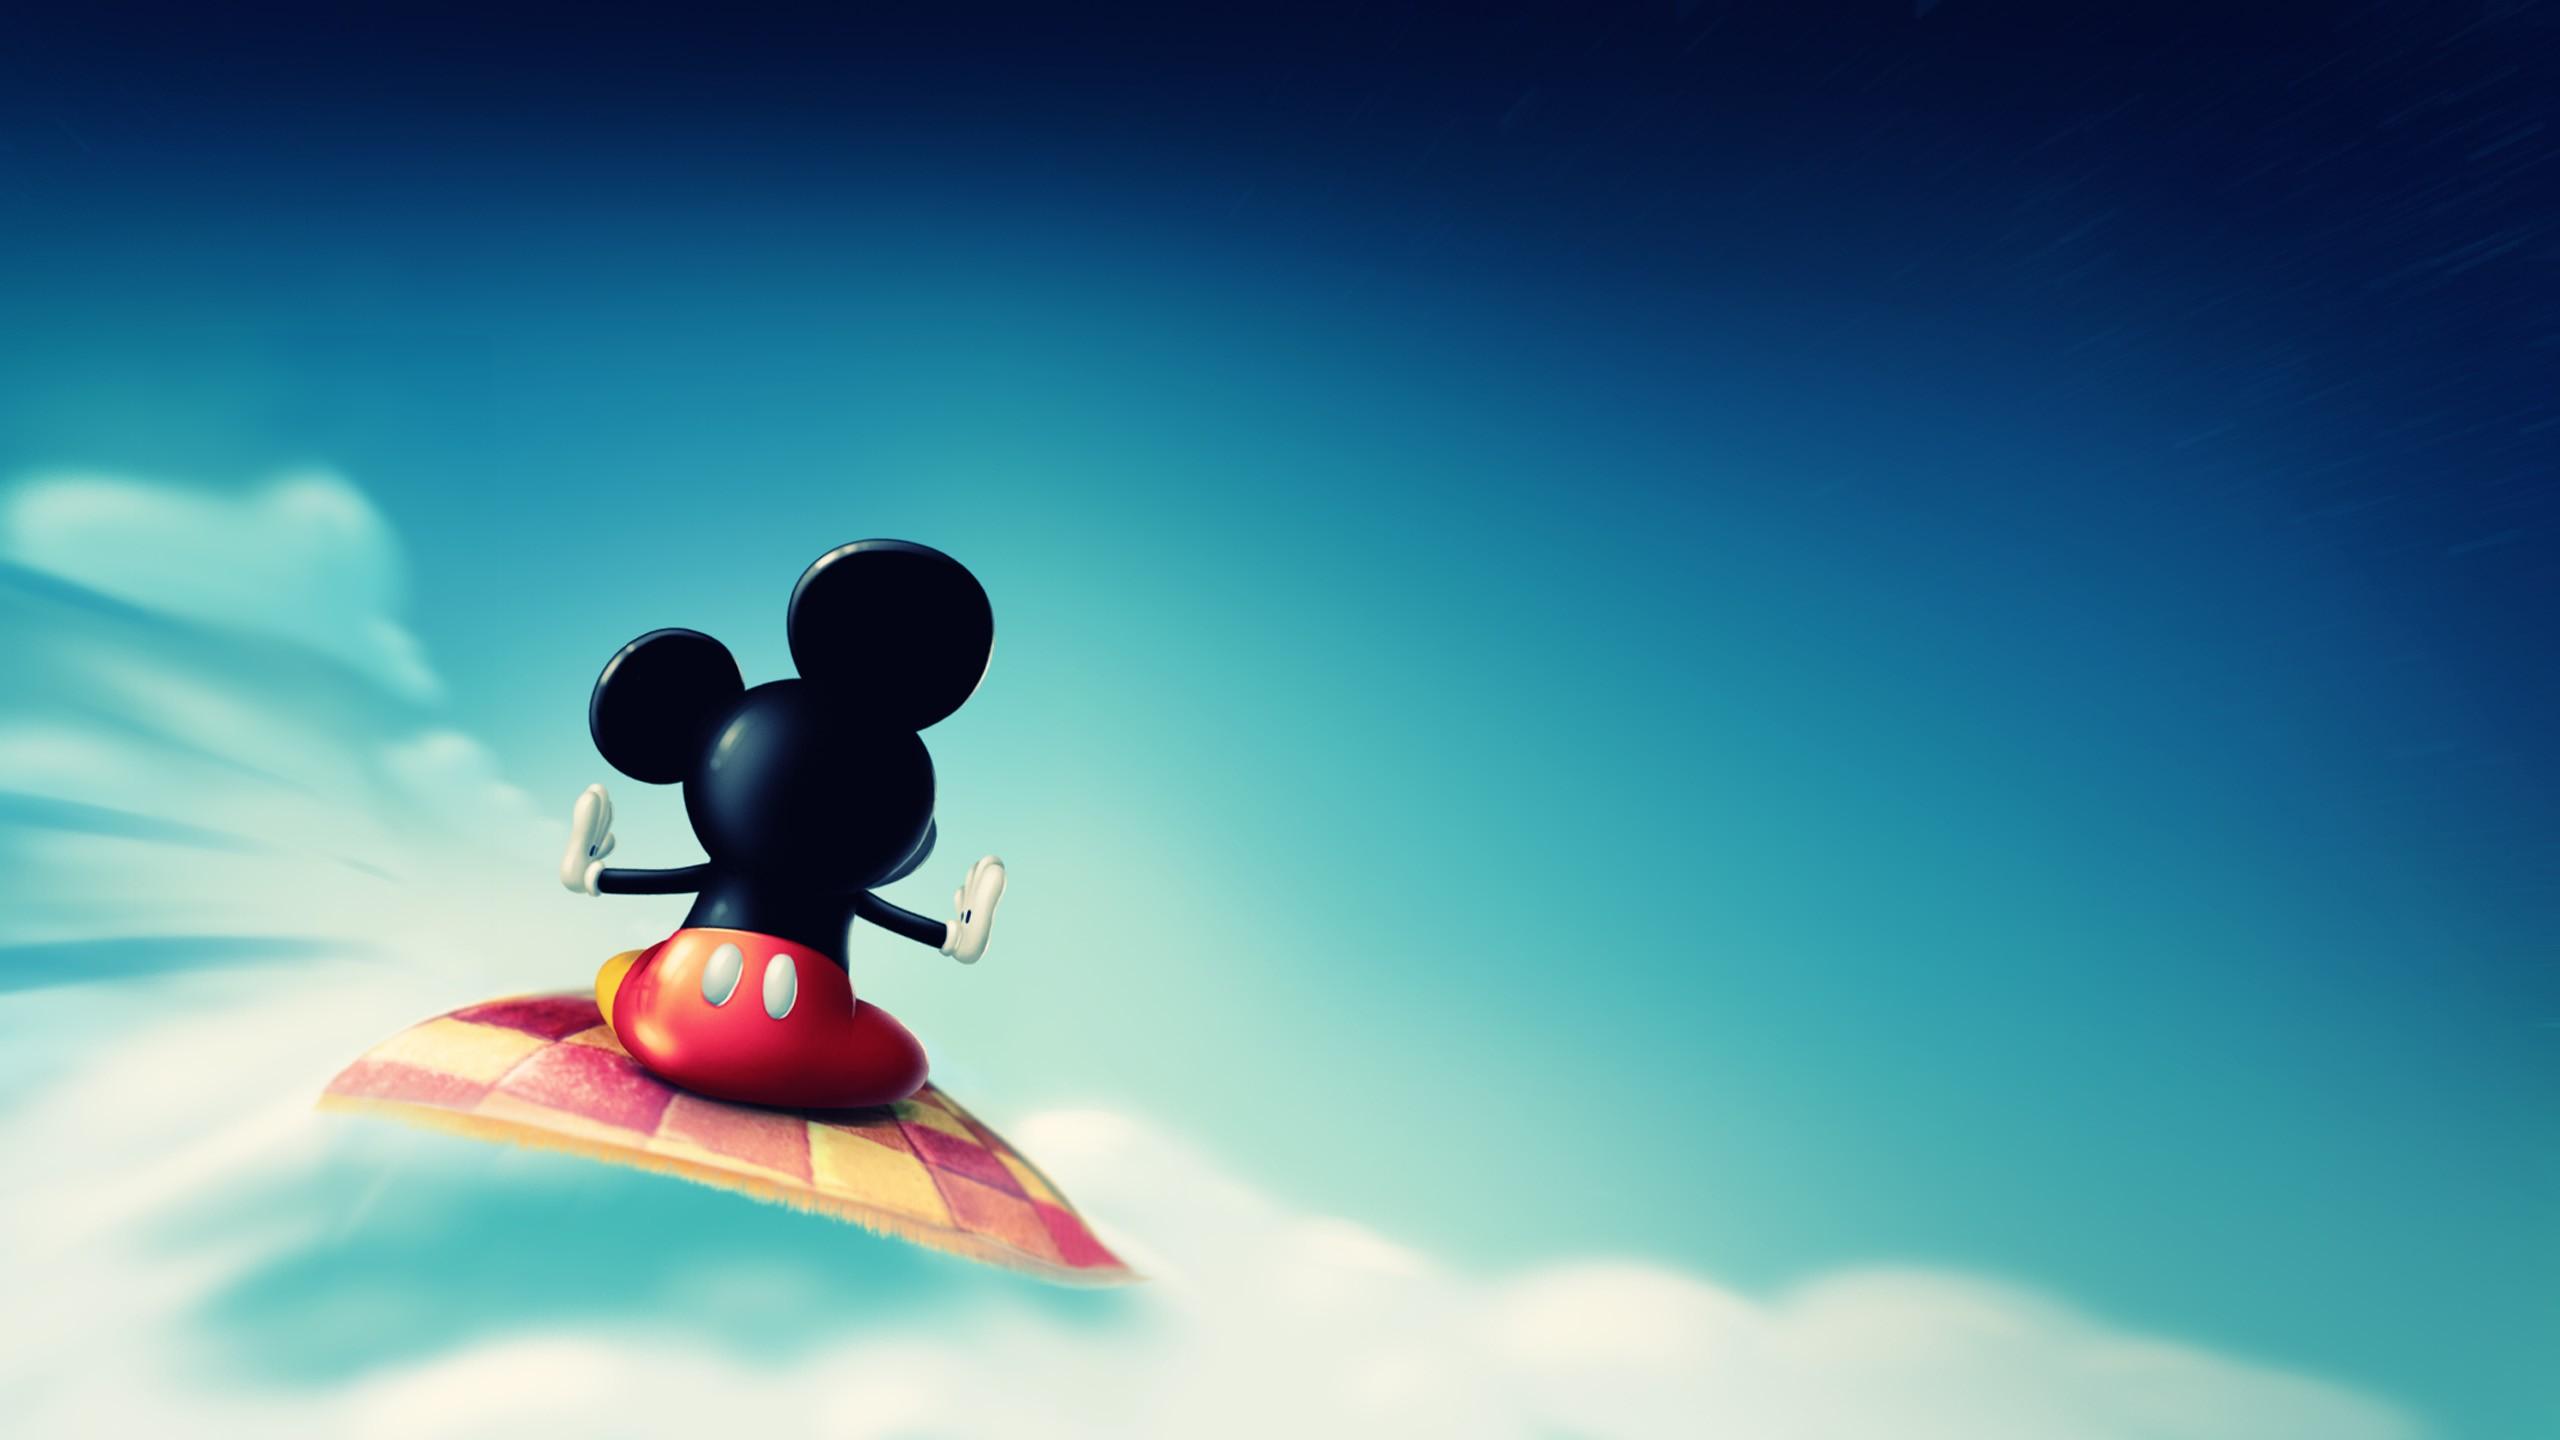 デスクトップ壁紙 ミッキーマウス 空 雲 青 ディズニー